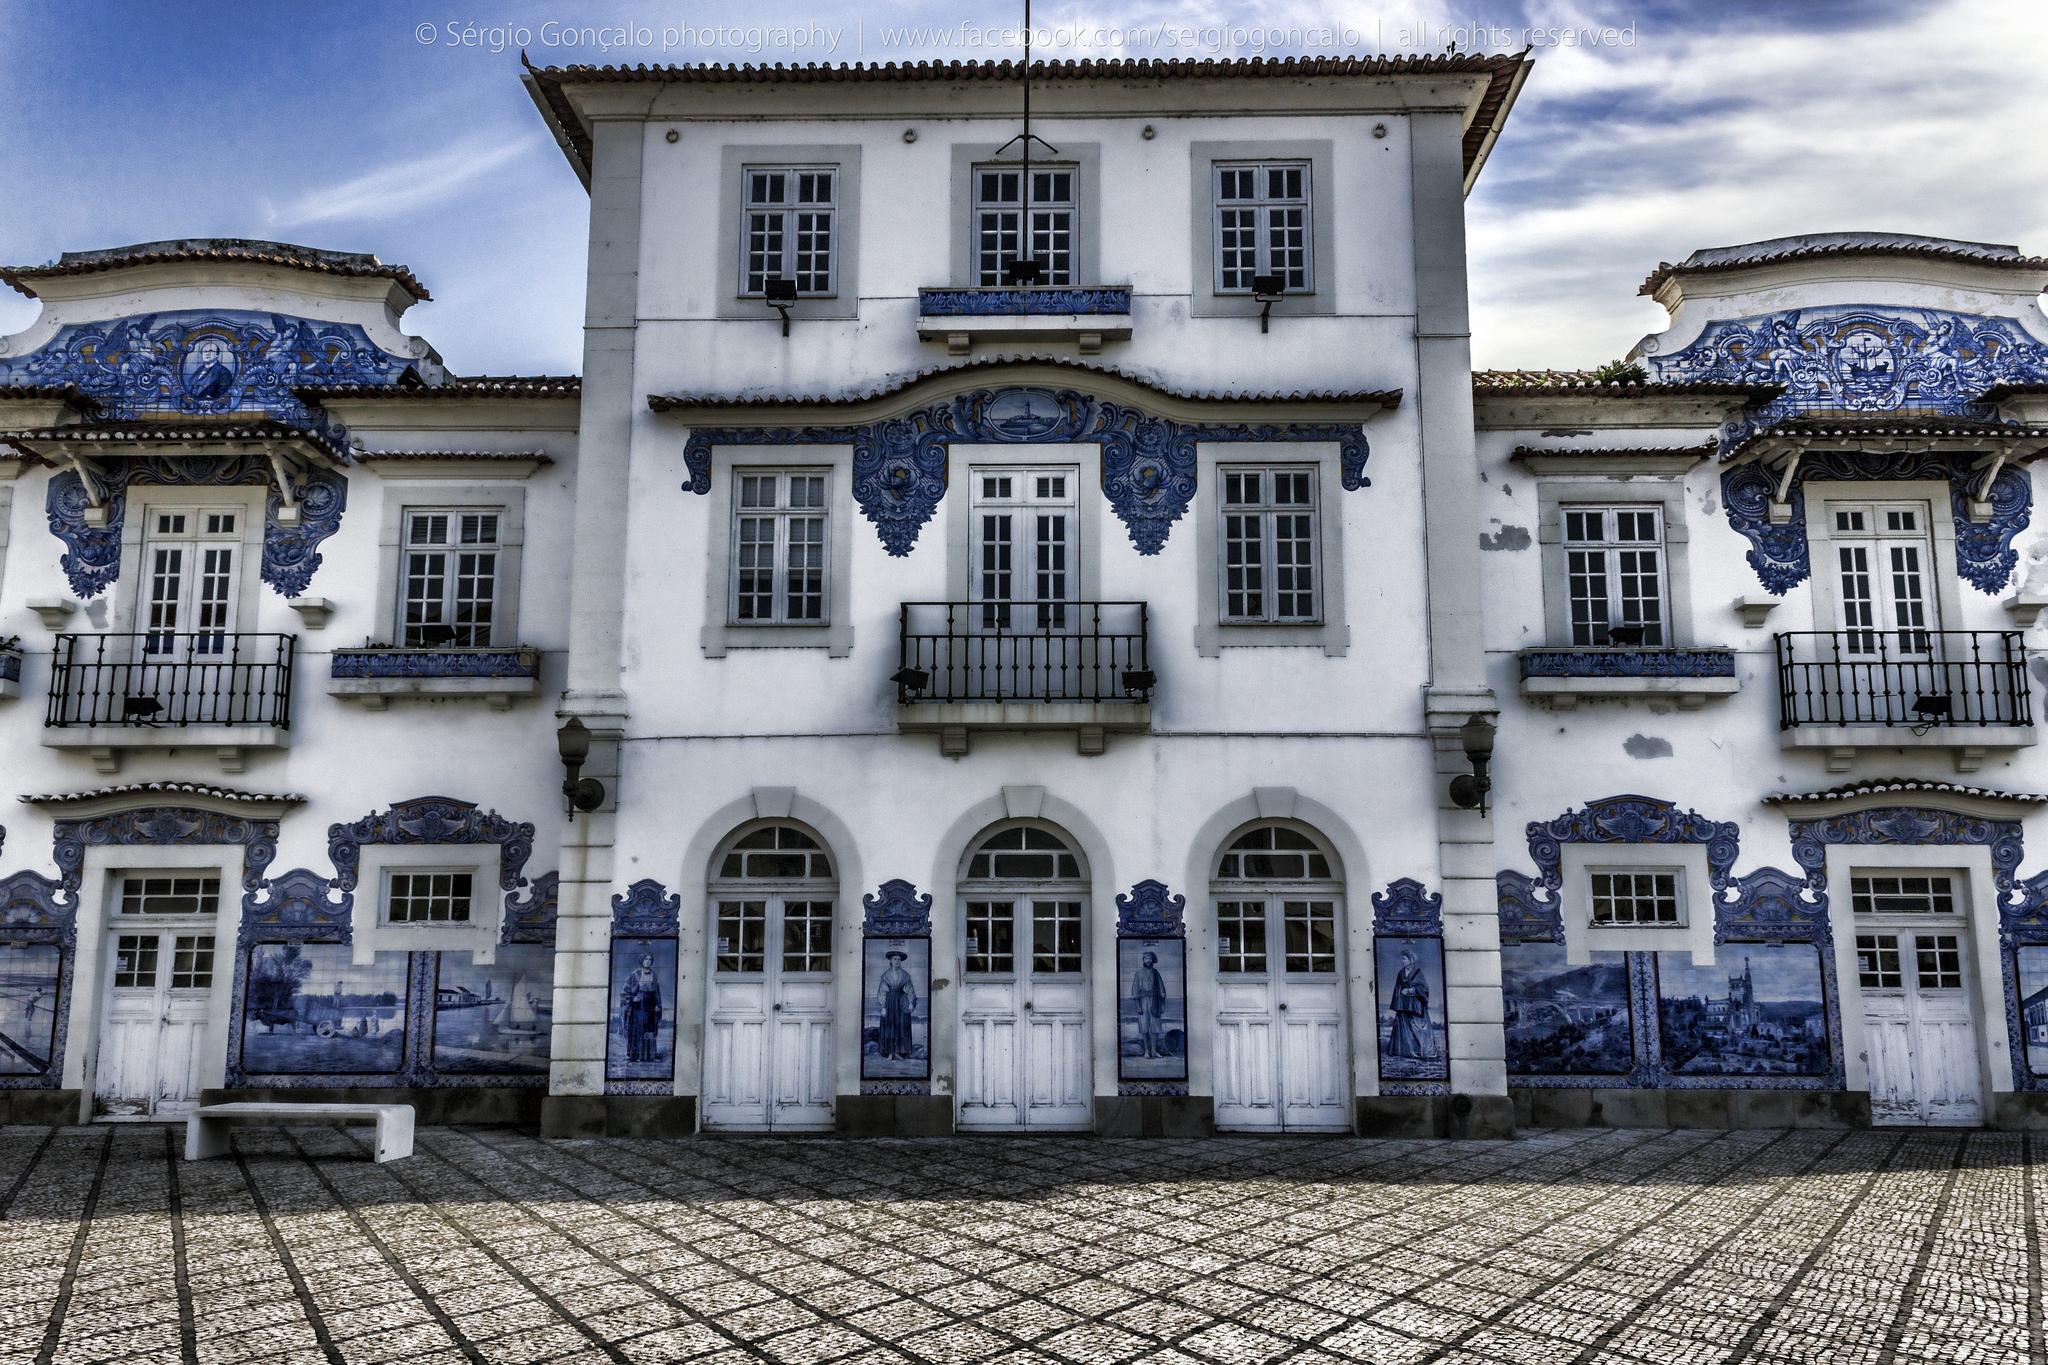 La belleza de la estación de ferrocarril con sus azulejos azules. © Sérgio Gonçalo Rodrigues.